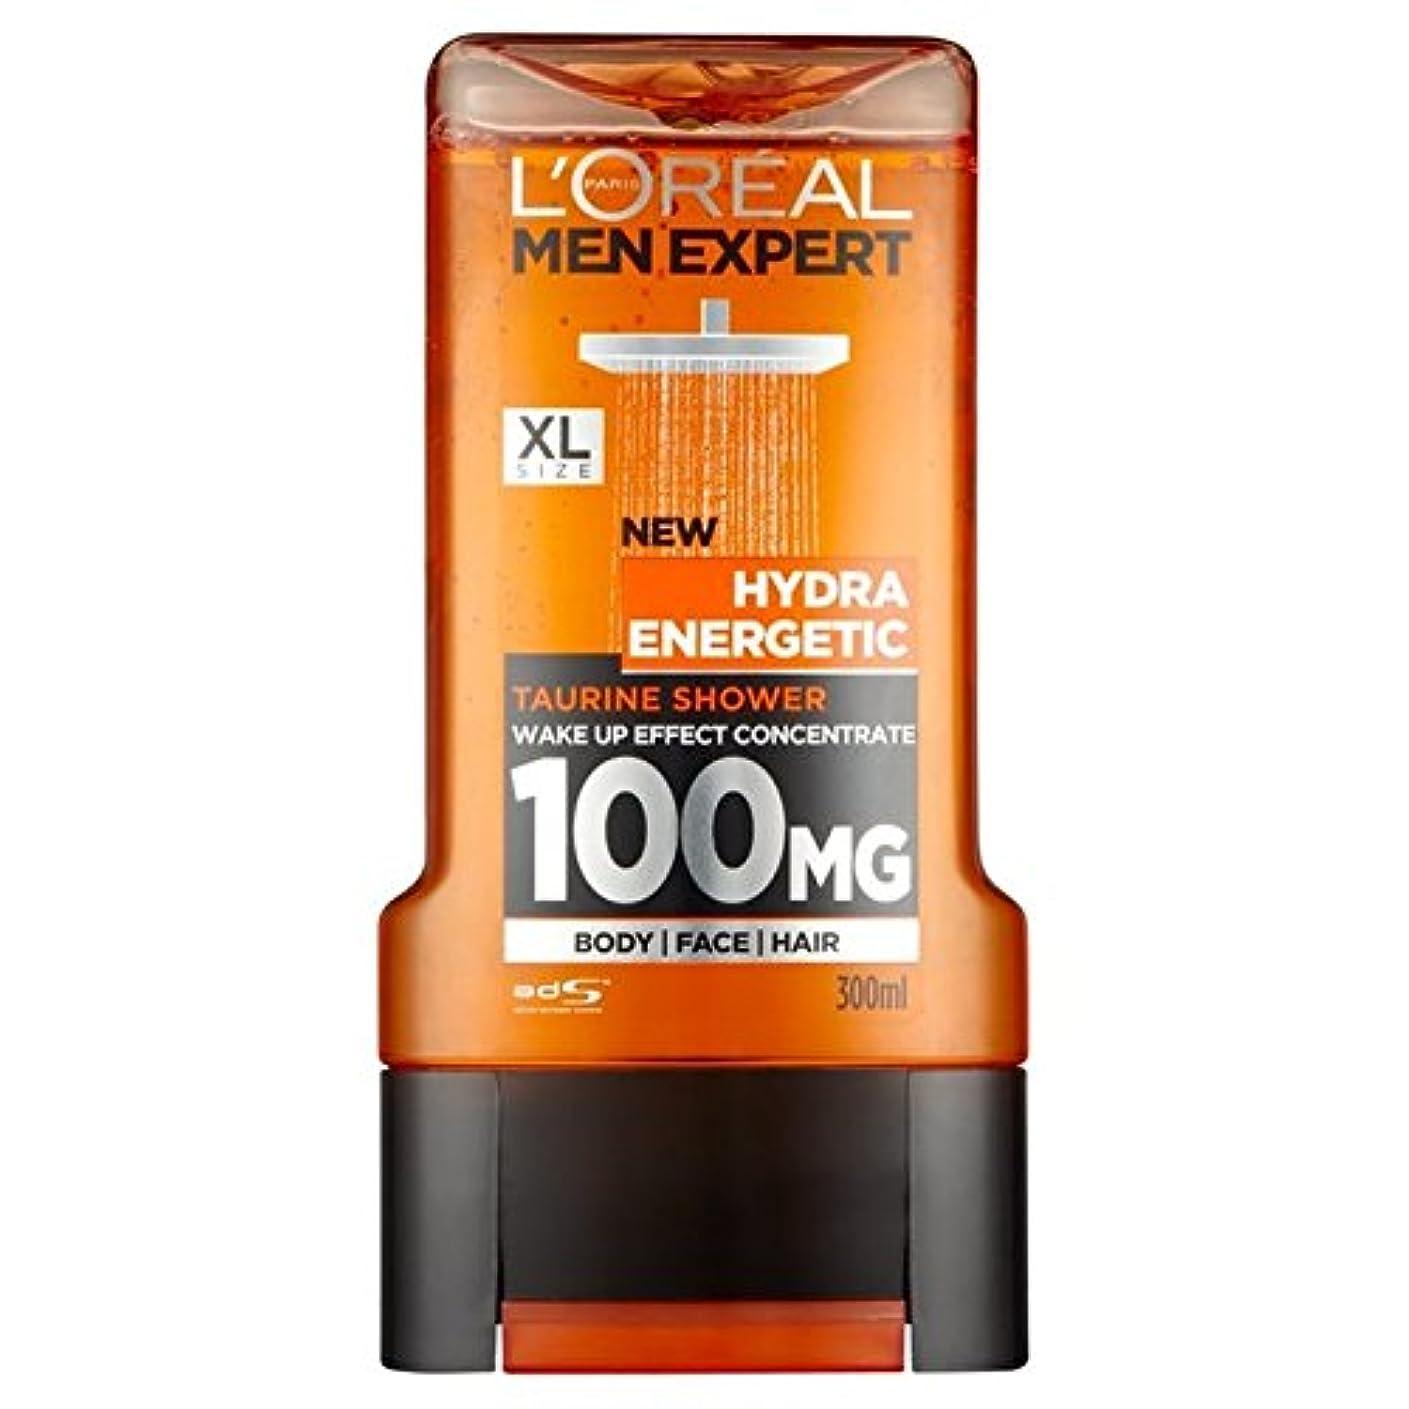 受けるメロンセクションL'Oreal Paris Men Expert Hydra Energetic Shower Gel 300ml - ロレアルパリのメンズ専門家ヒドラエネルギッシュなシャワージェル300ミリリットル [並行輸入品]